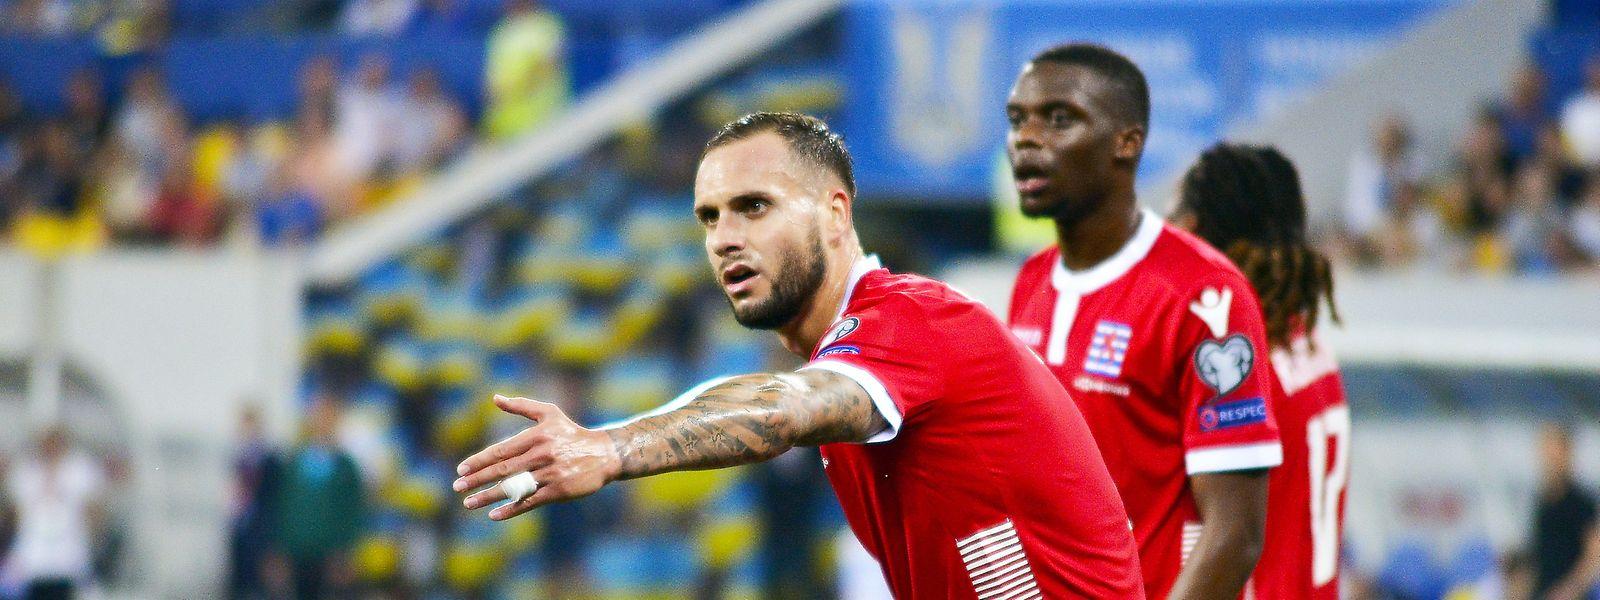 Trotz starker Leistung stand am Ende ein 0:1 auf der Anzeigetafel. Maxime Chanot (l.) und Christopher Martins.